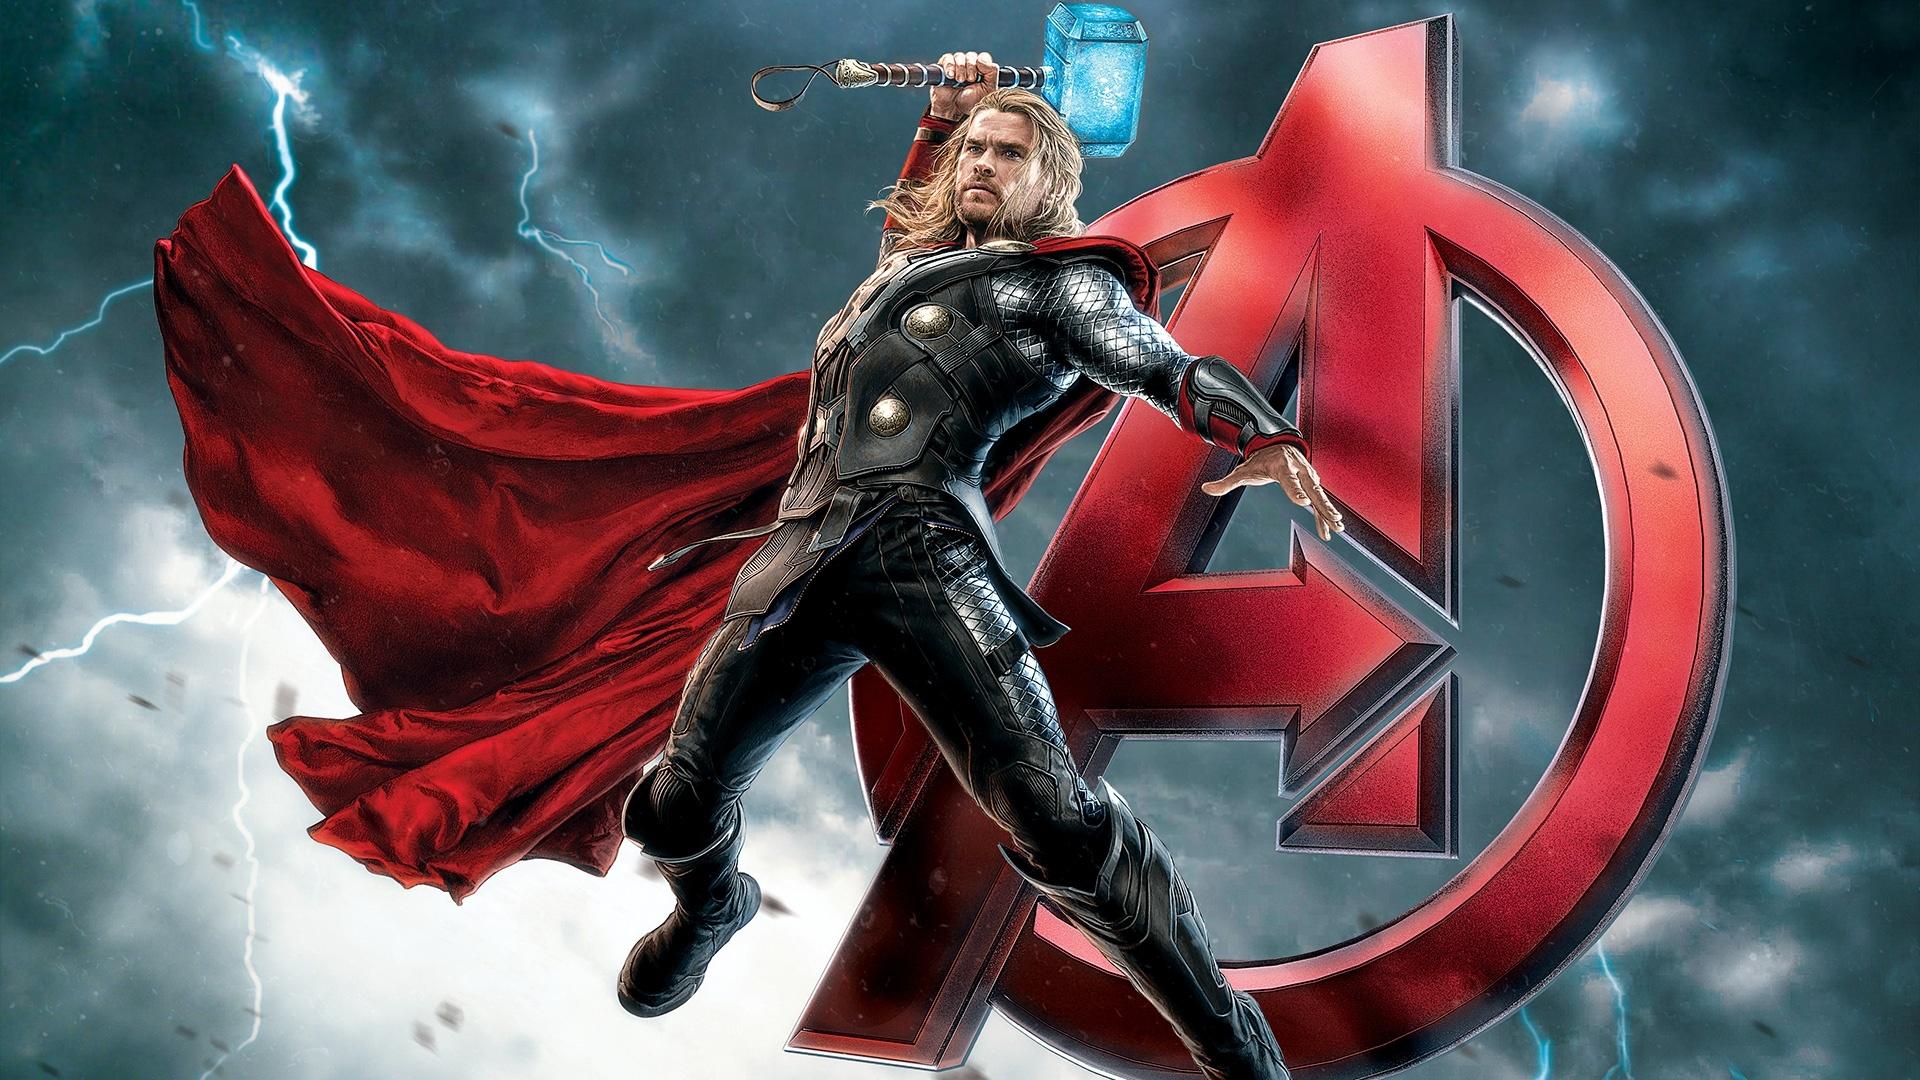 Thor best background